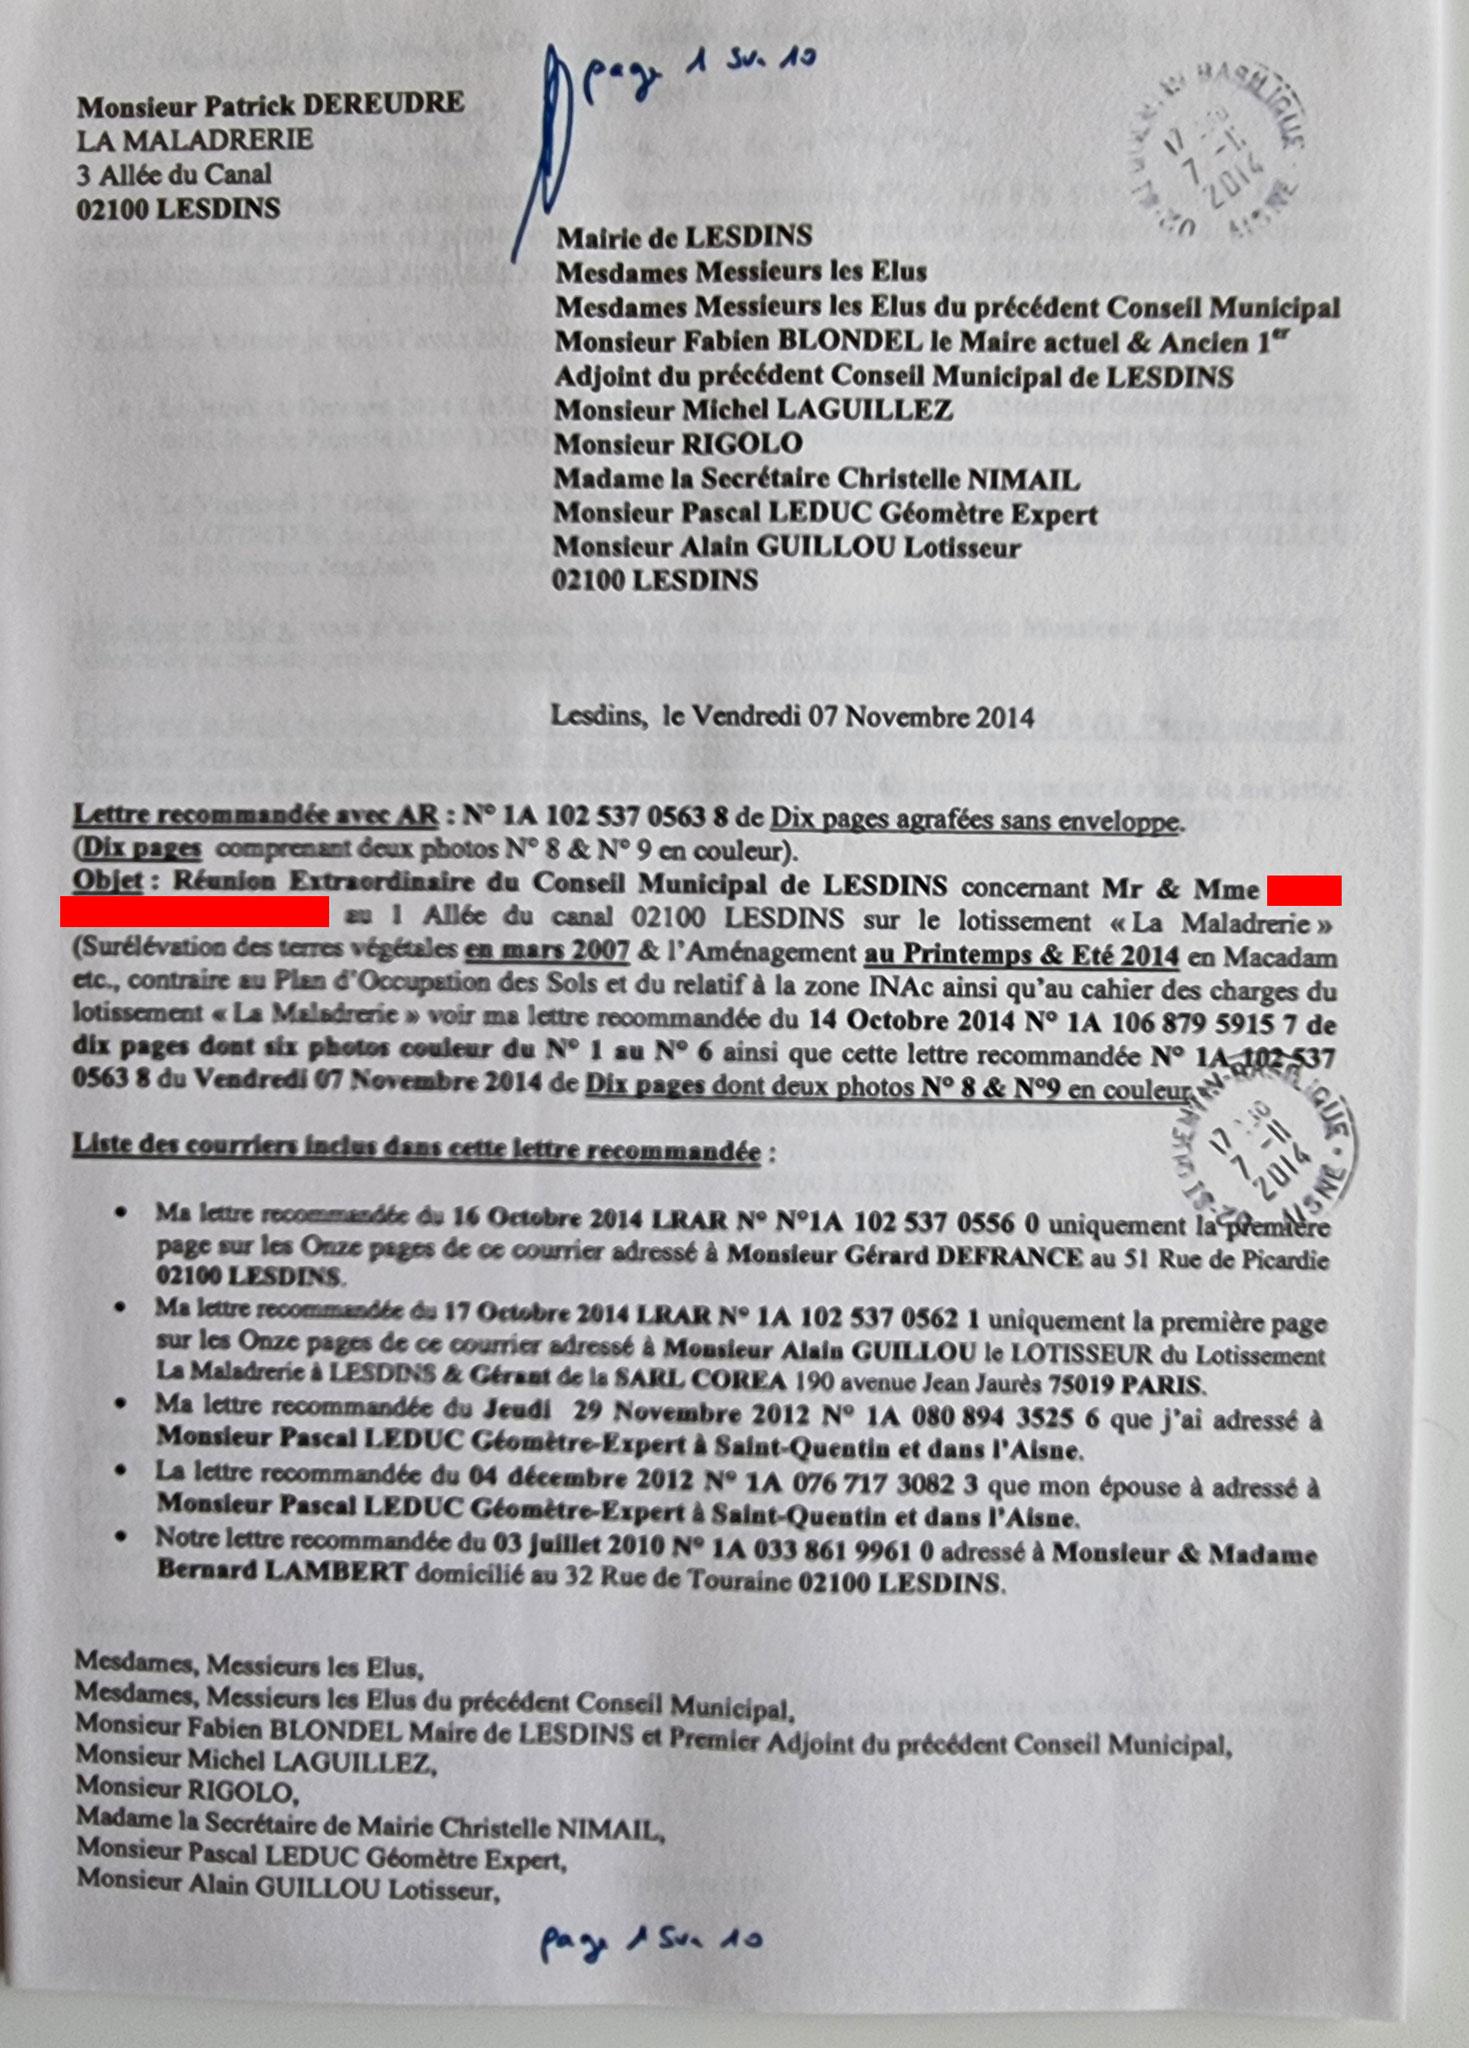 AFFAIRE MES CHERS VOISINS   Le Vendredi 14 Novembre 2014,  j'adresse une LRAR N0 1A 102 537  0563 8 de onze pages en couleurs à la Mairie de LESDINS  www.jenesuispasunchien.fr www.jesuispatrick.fr www.jesuisvictime.fr